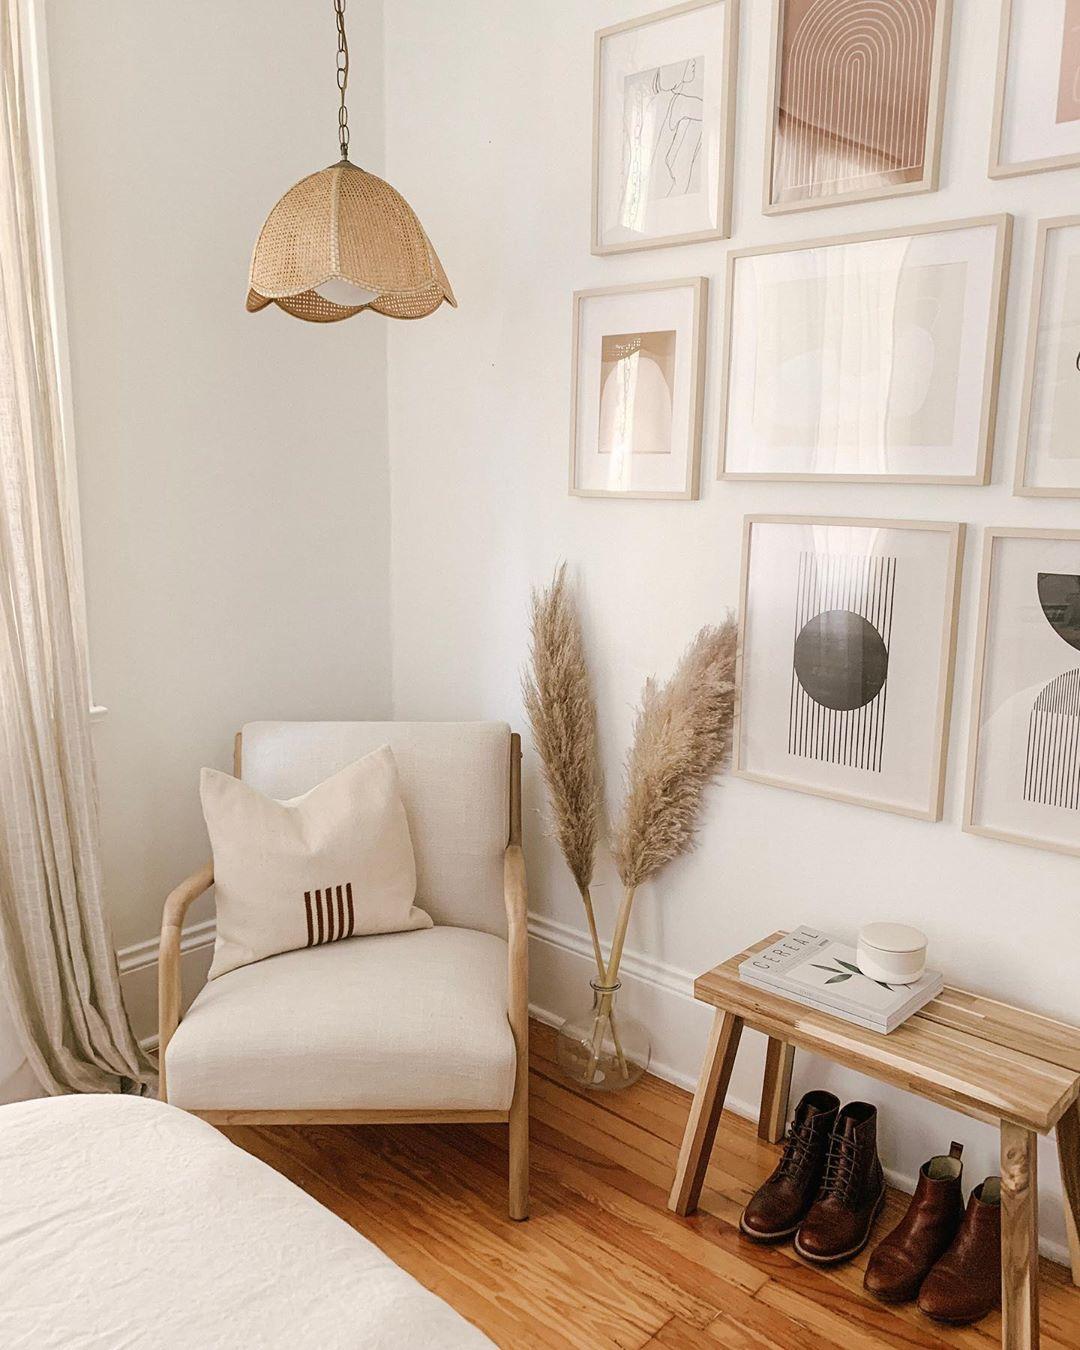 #apartmentlivingrooms